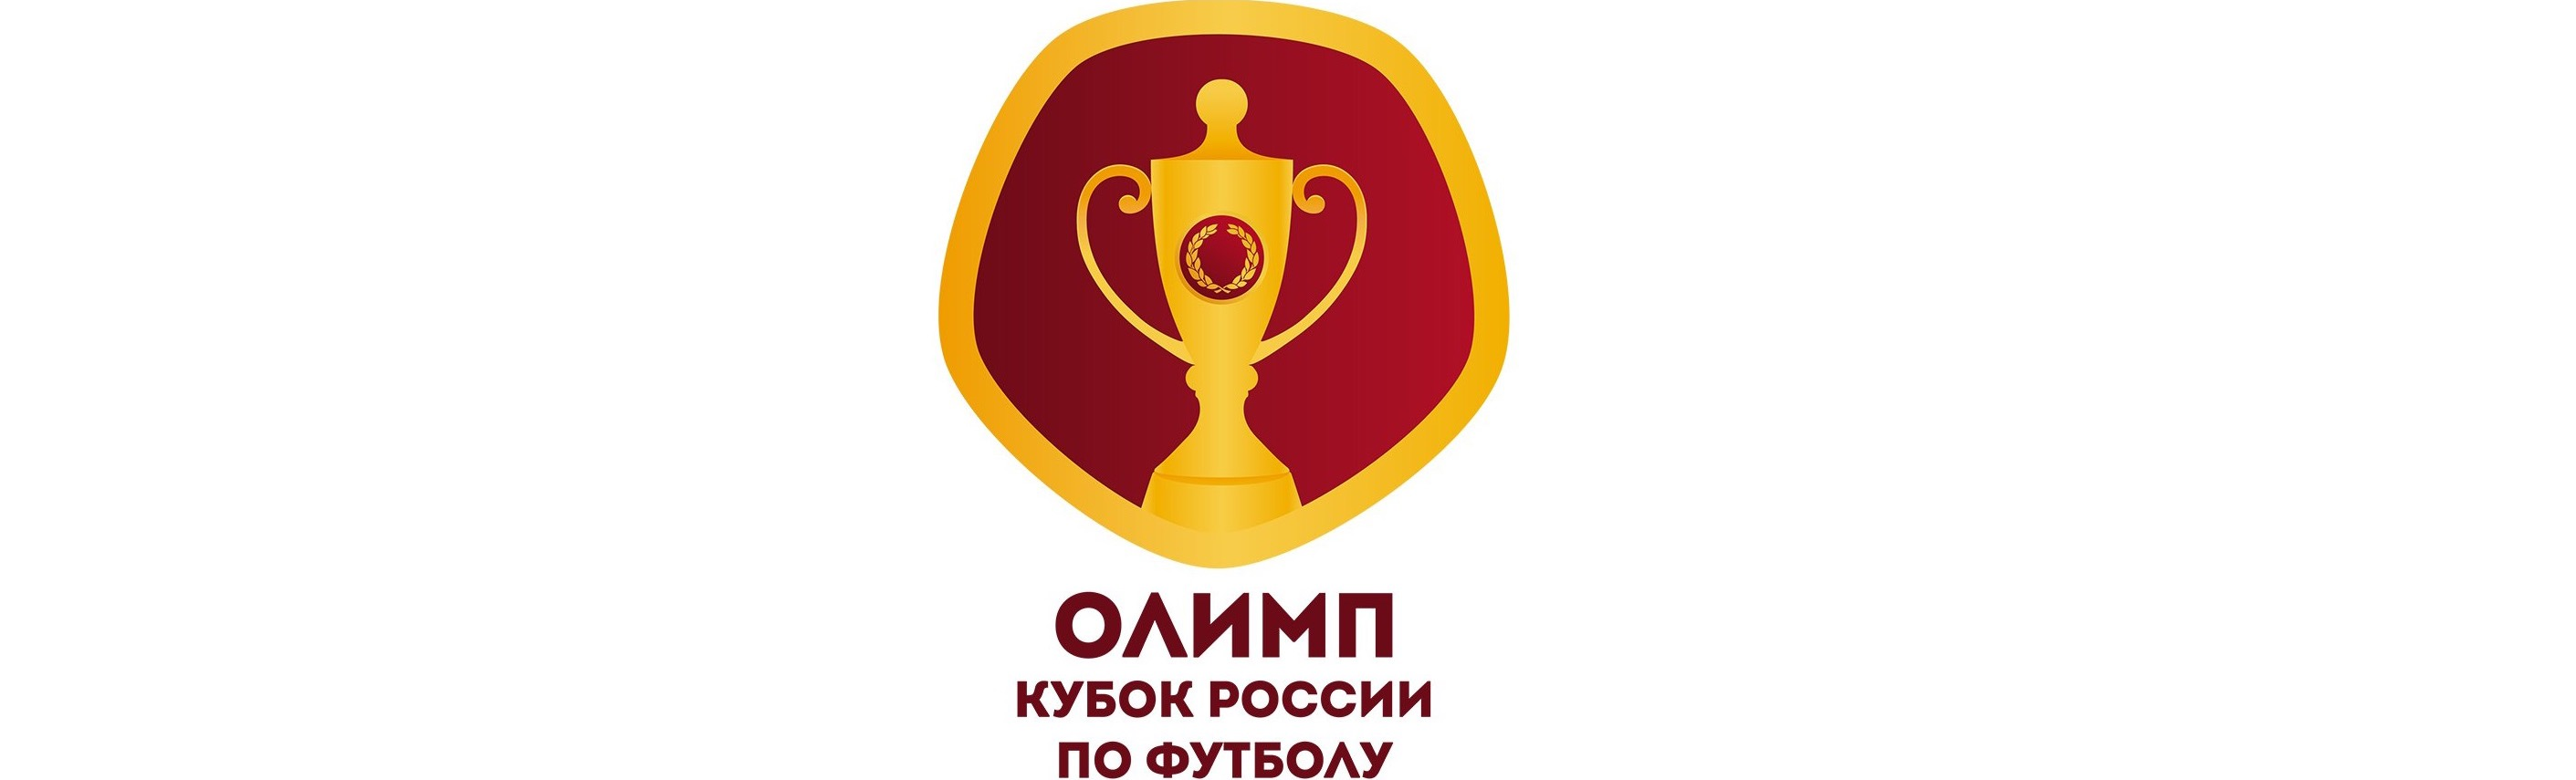 Зенит - Спартак,  Кубок России 1/2 финала